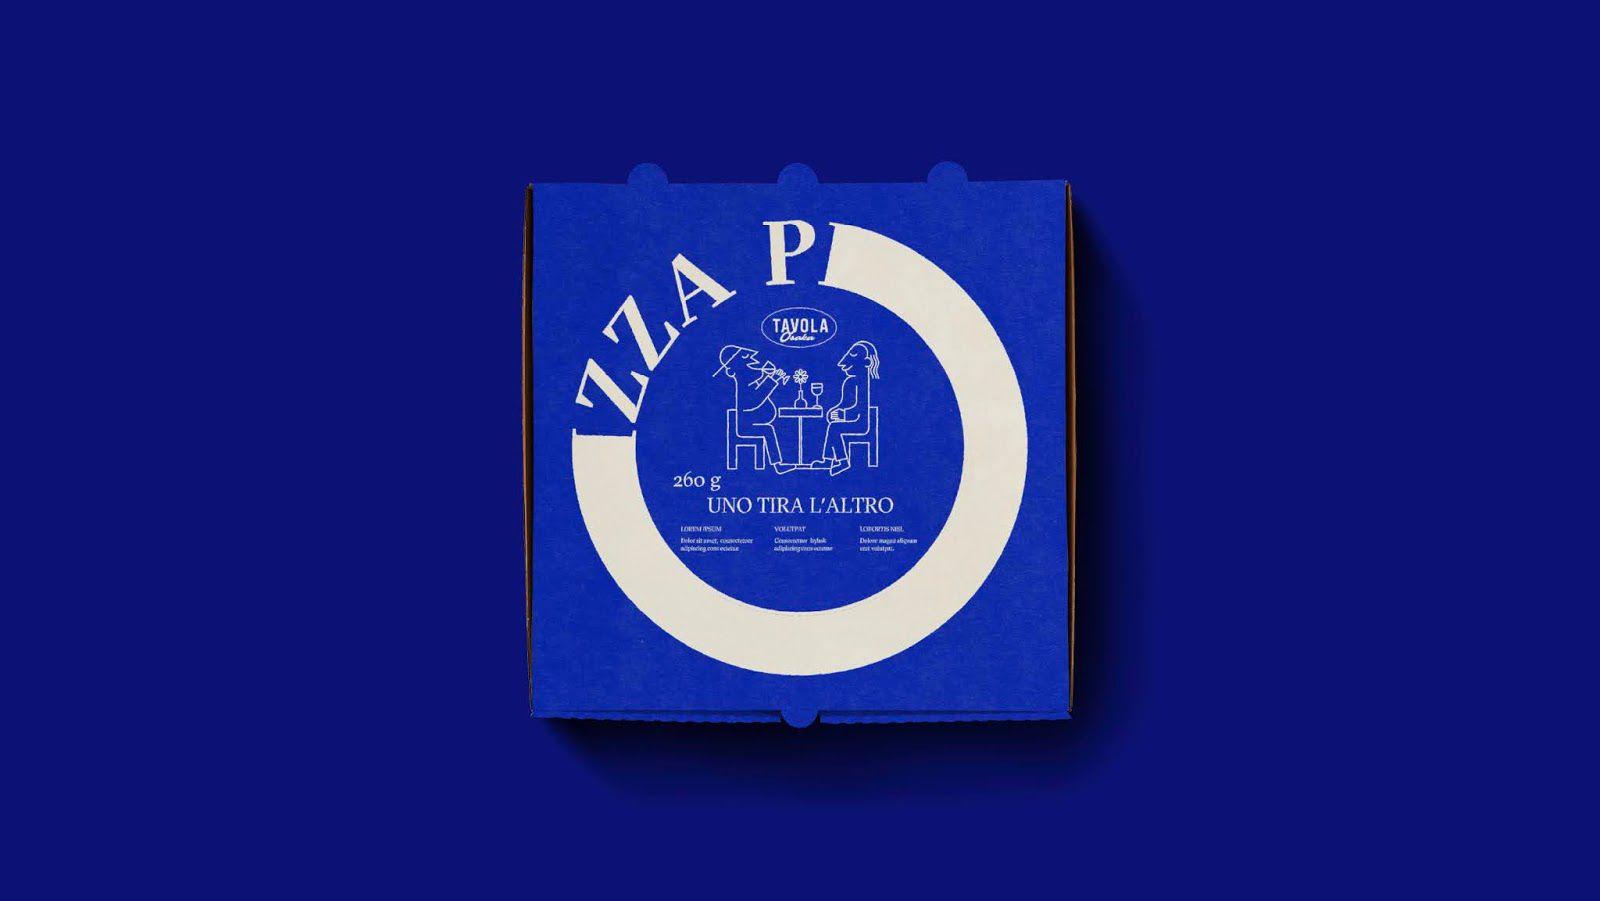 Volta Osaka (restaurant Italien) I Design : Stamp Works, Japon (octobre 2020)